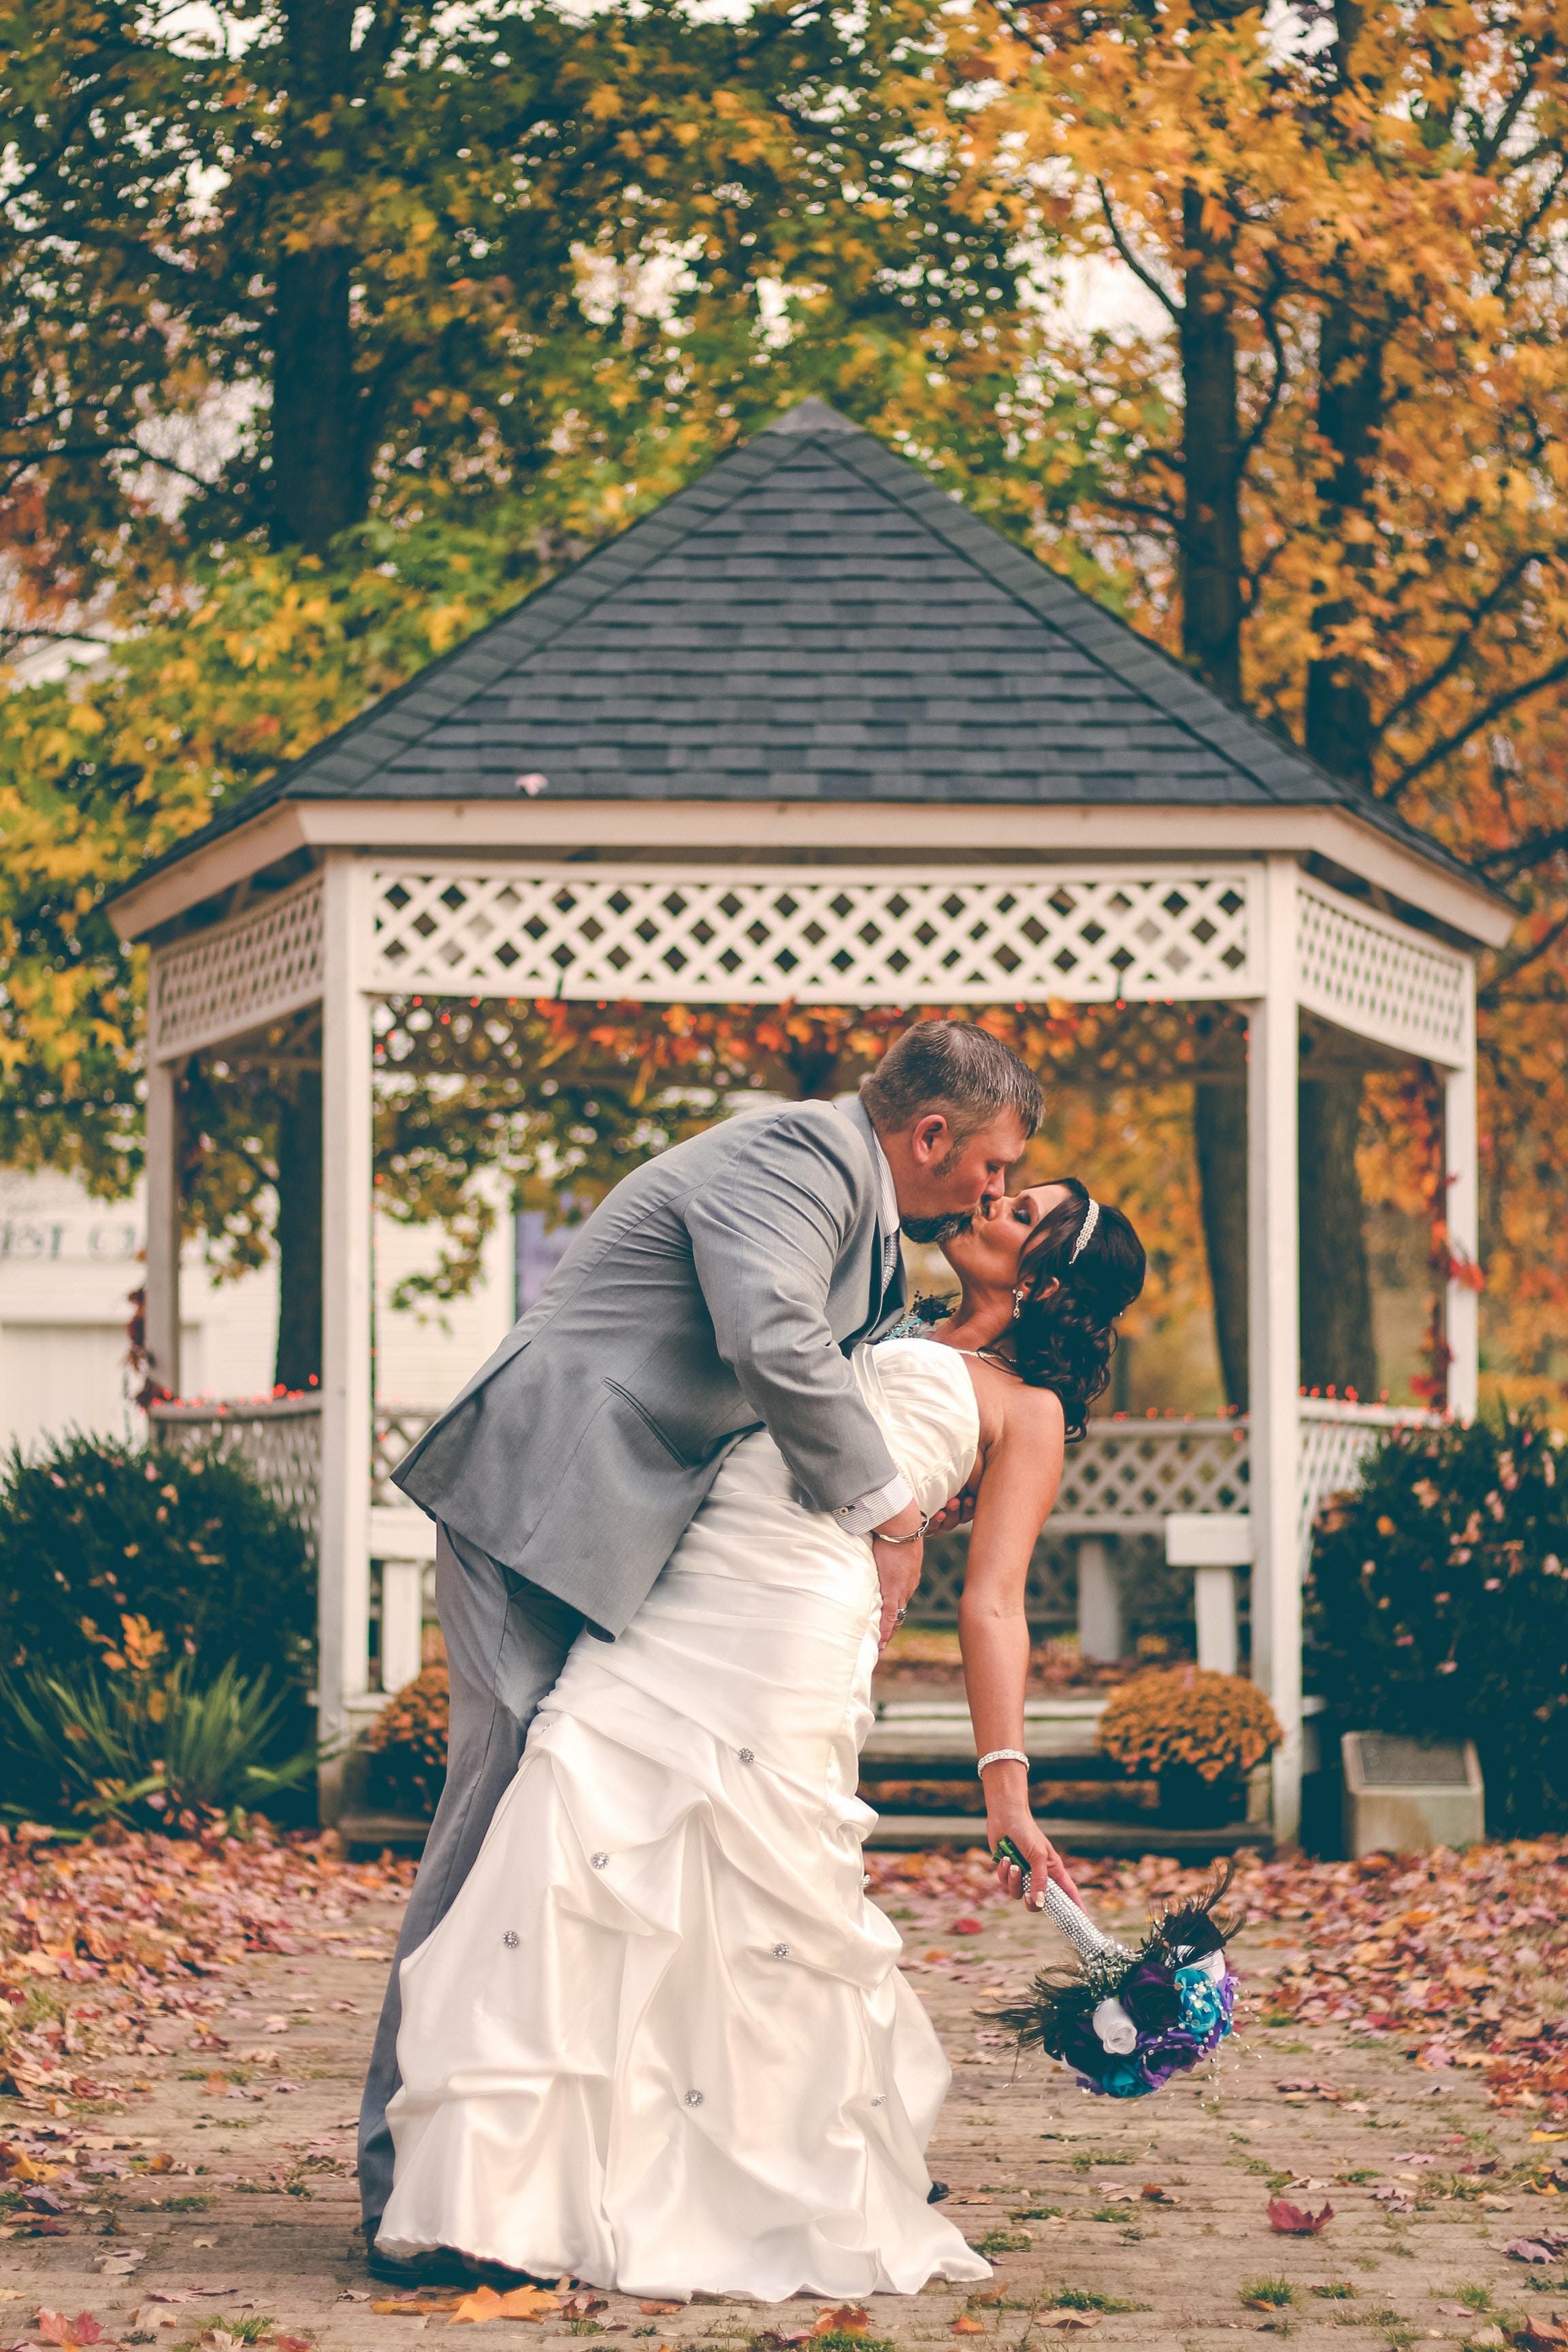 Mariage: annoncez le vôtre grâce à un faire-part original!